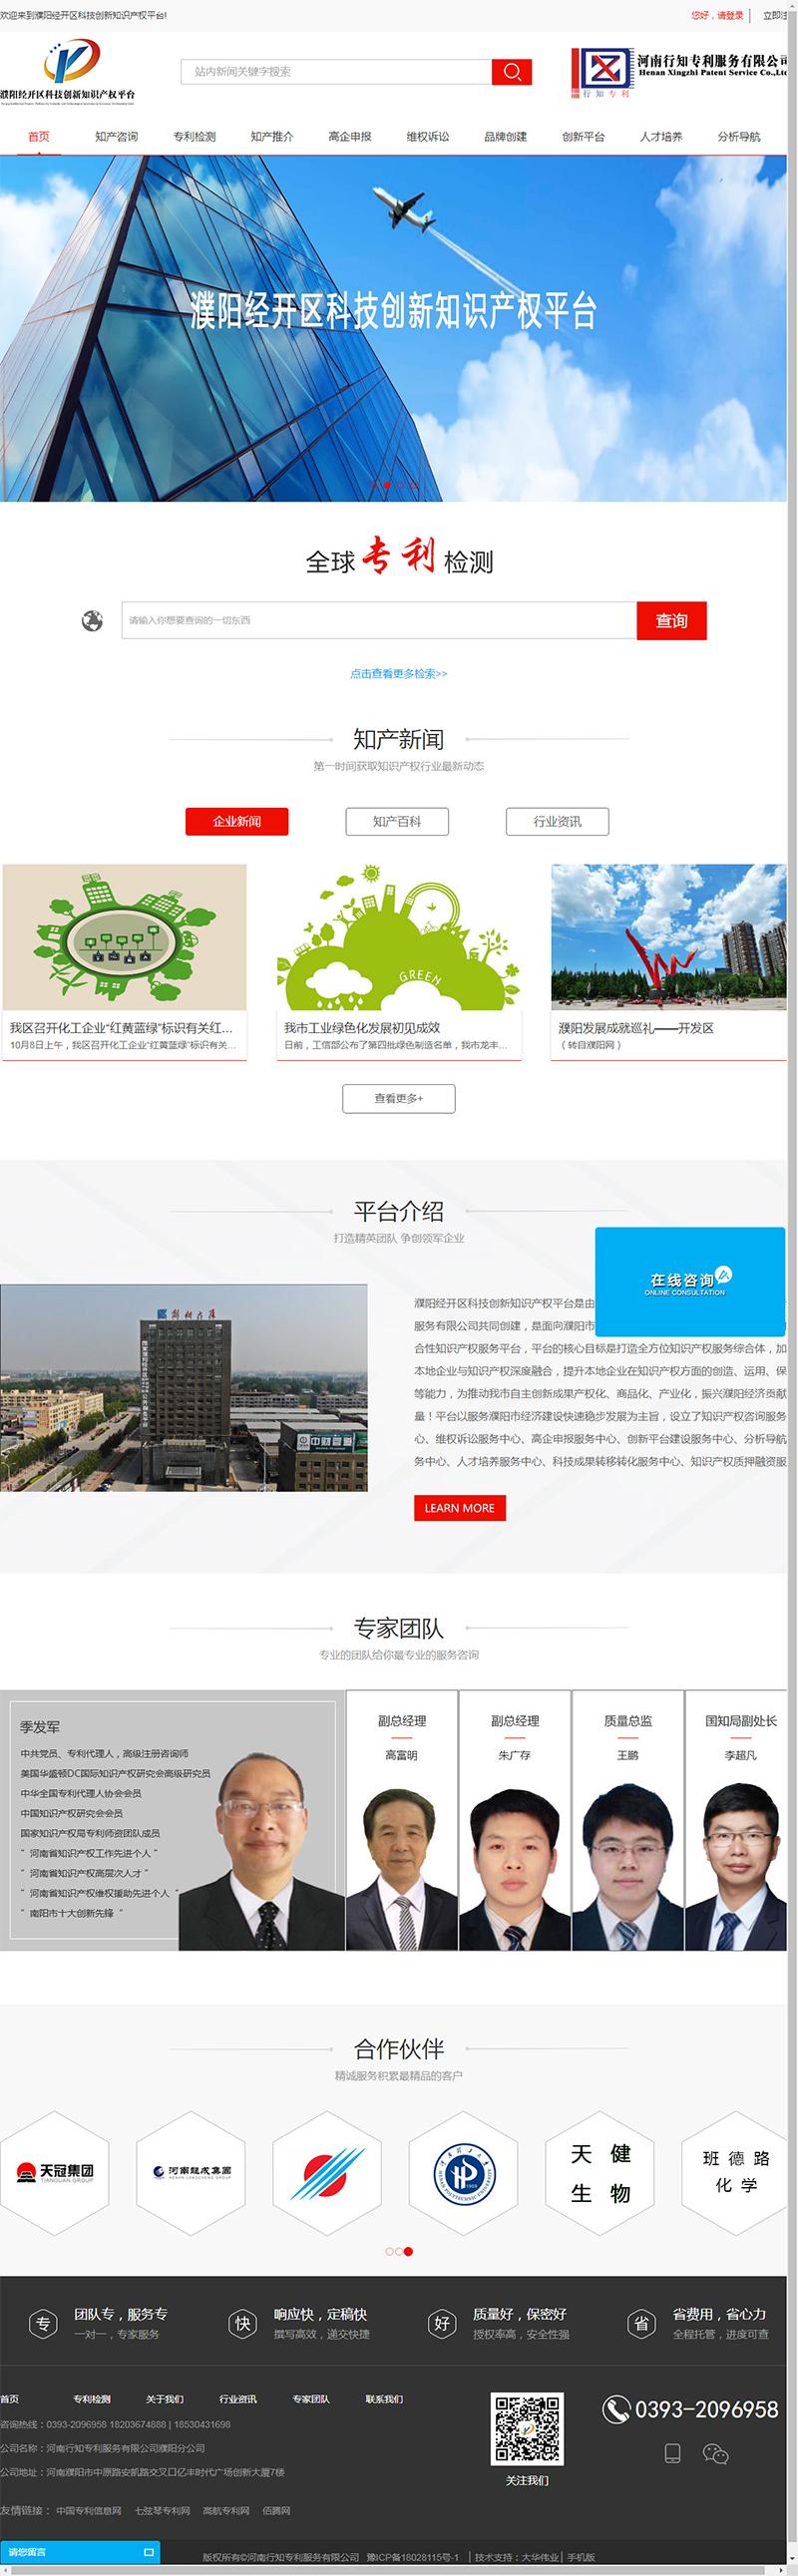 创新知识产权平台.jpg